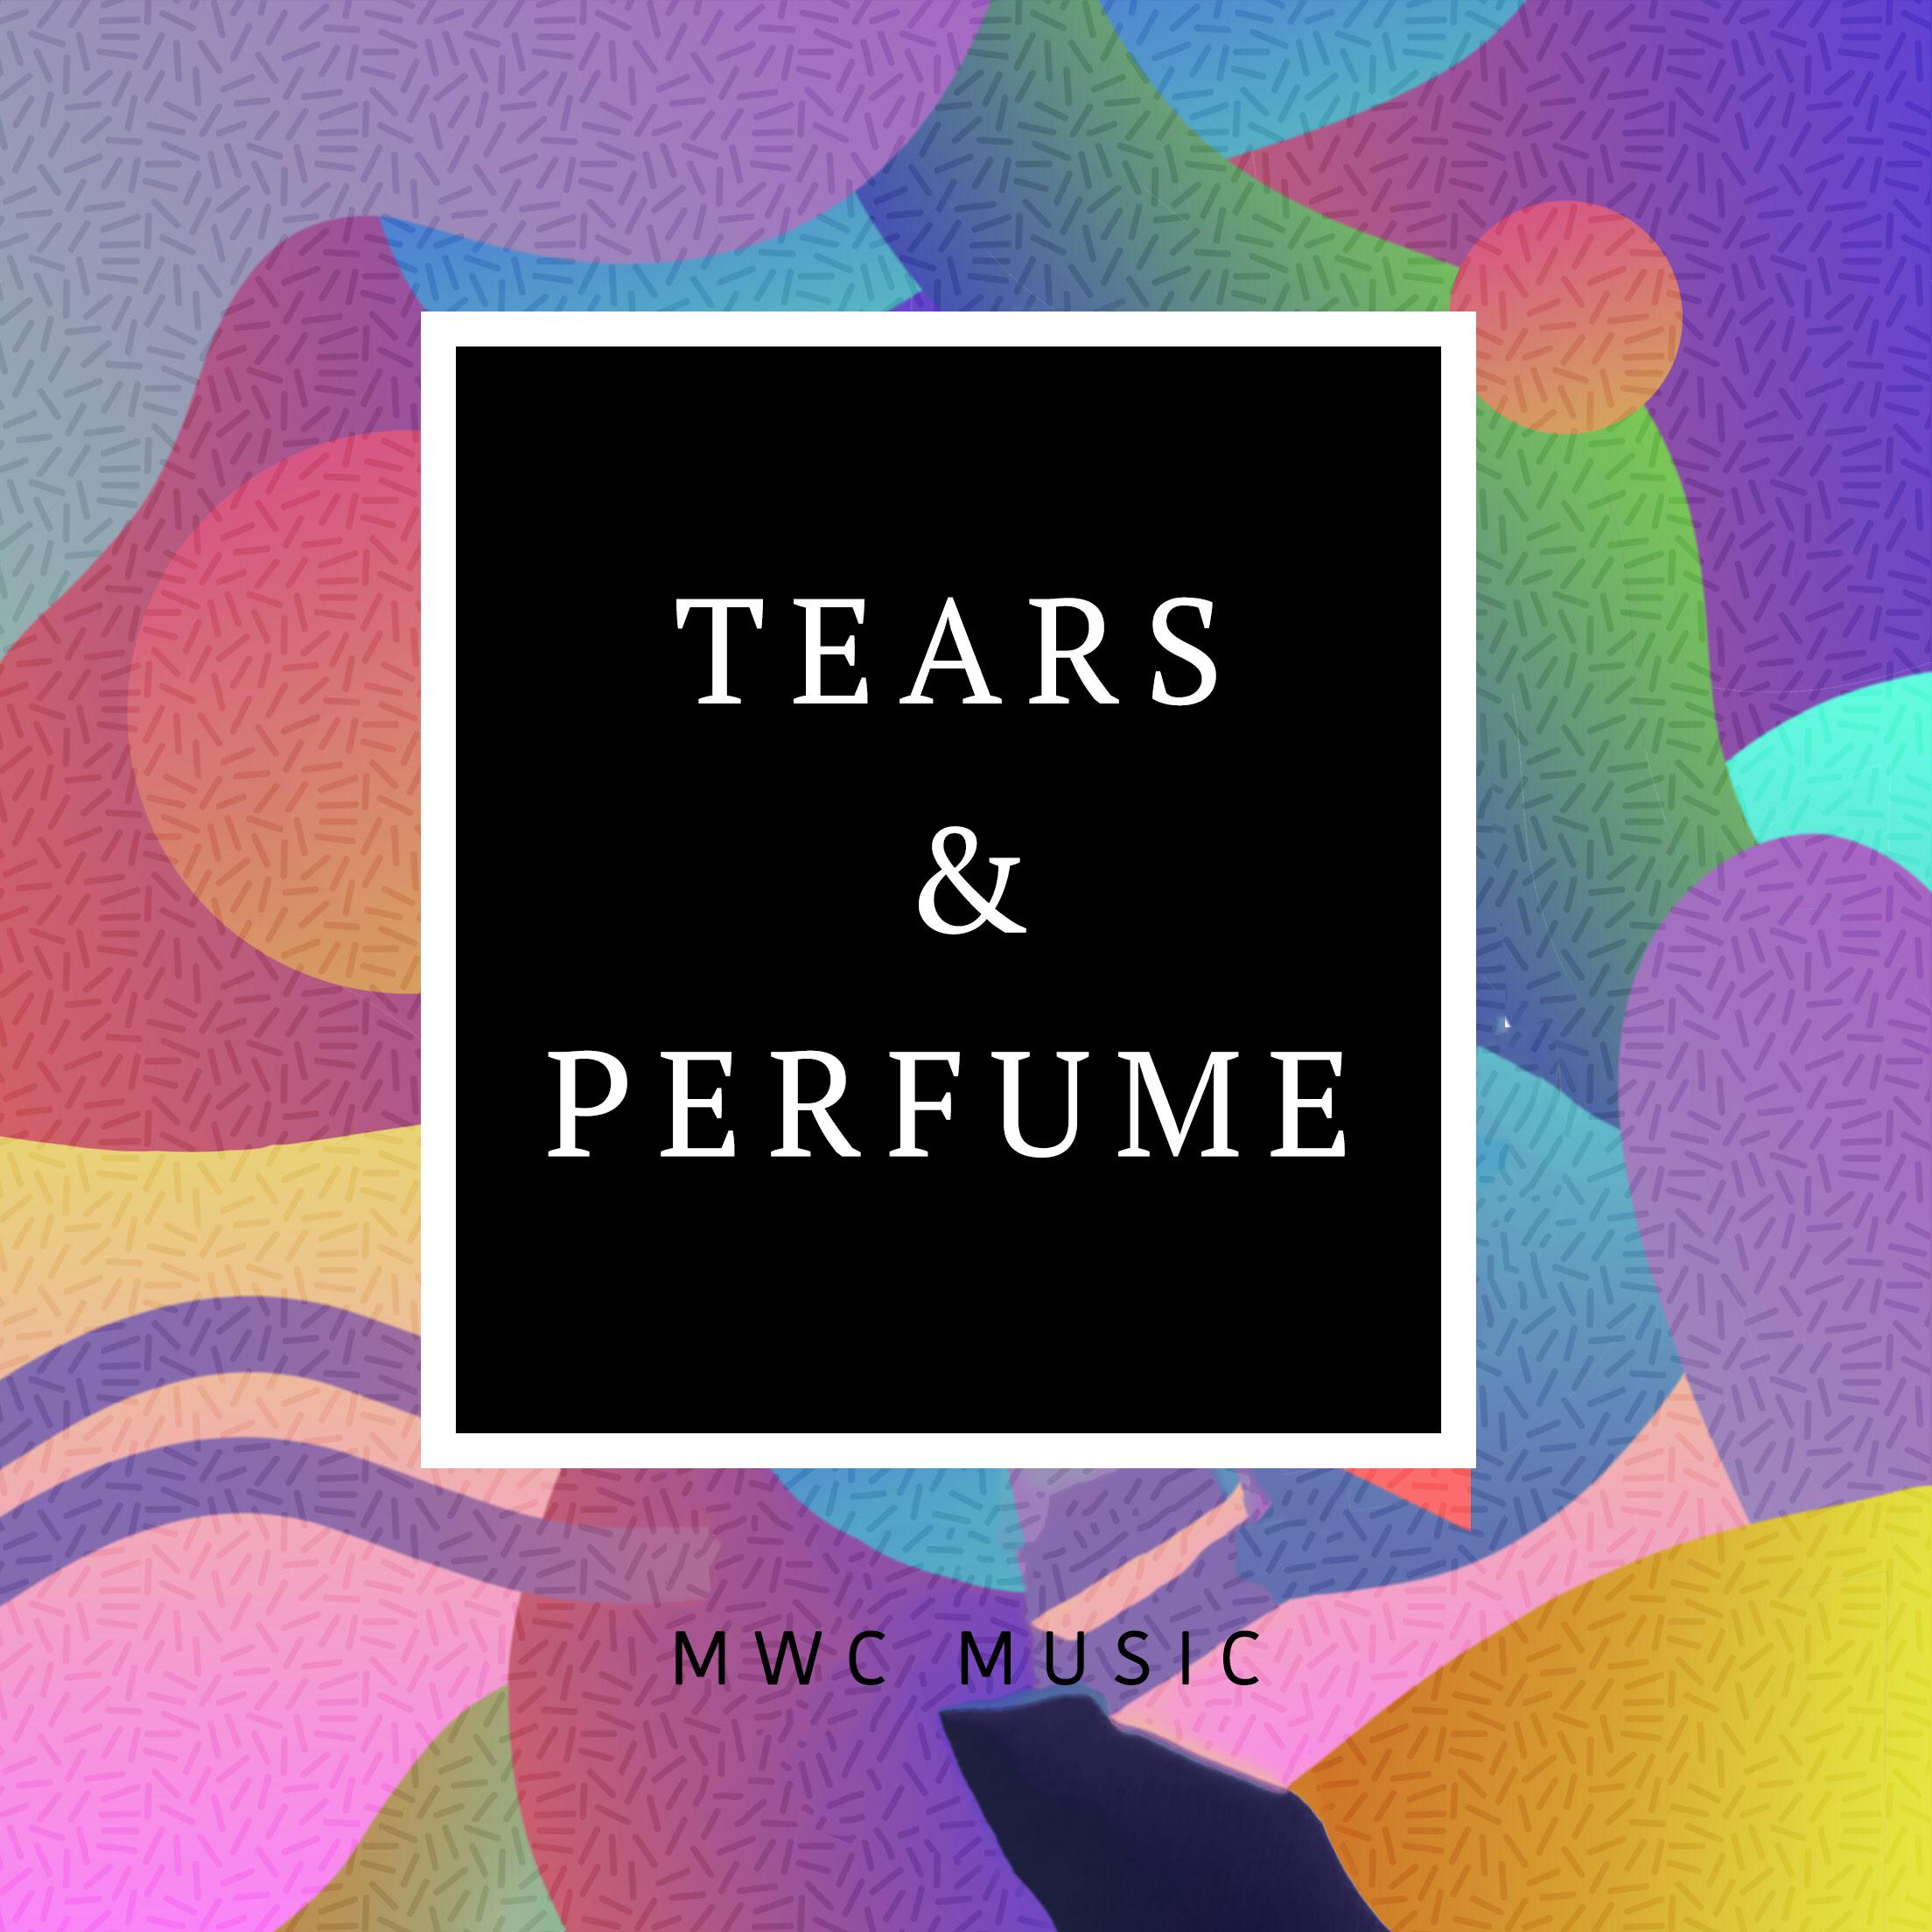 TEARS AND PERFUME